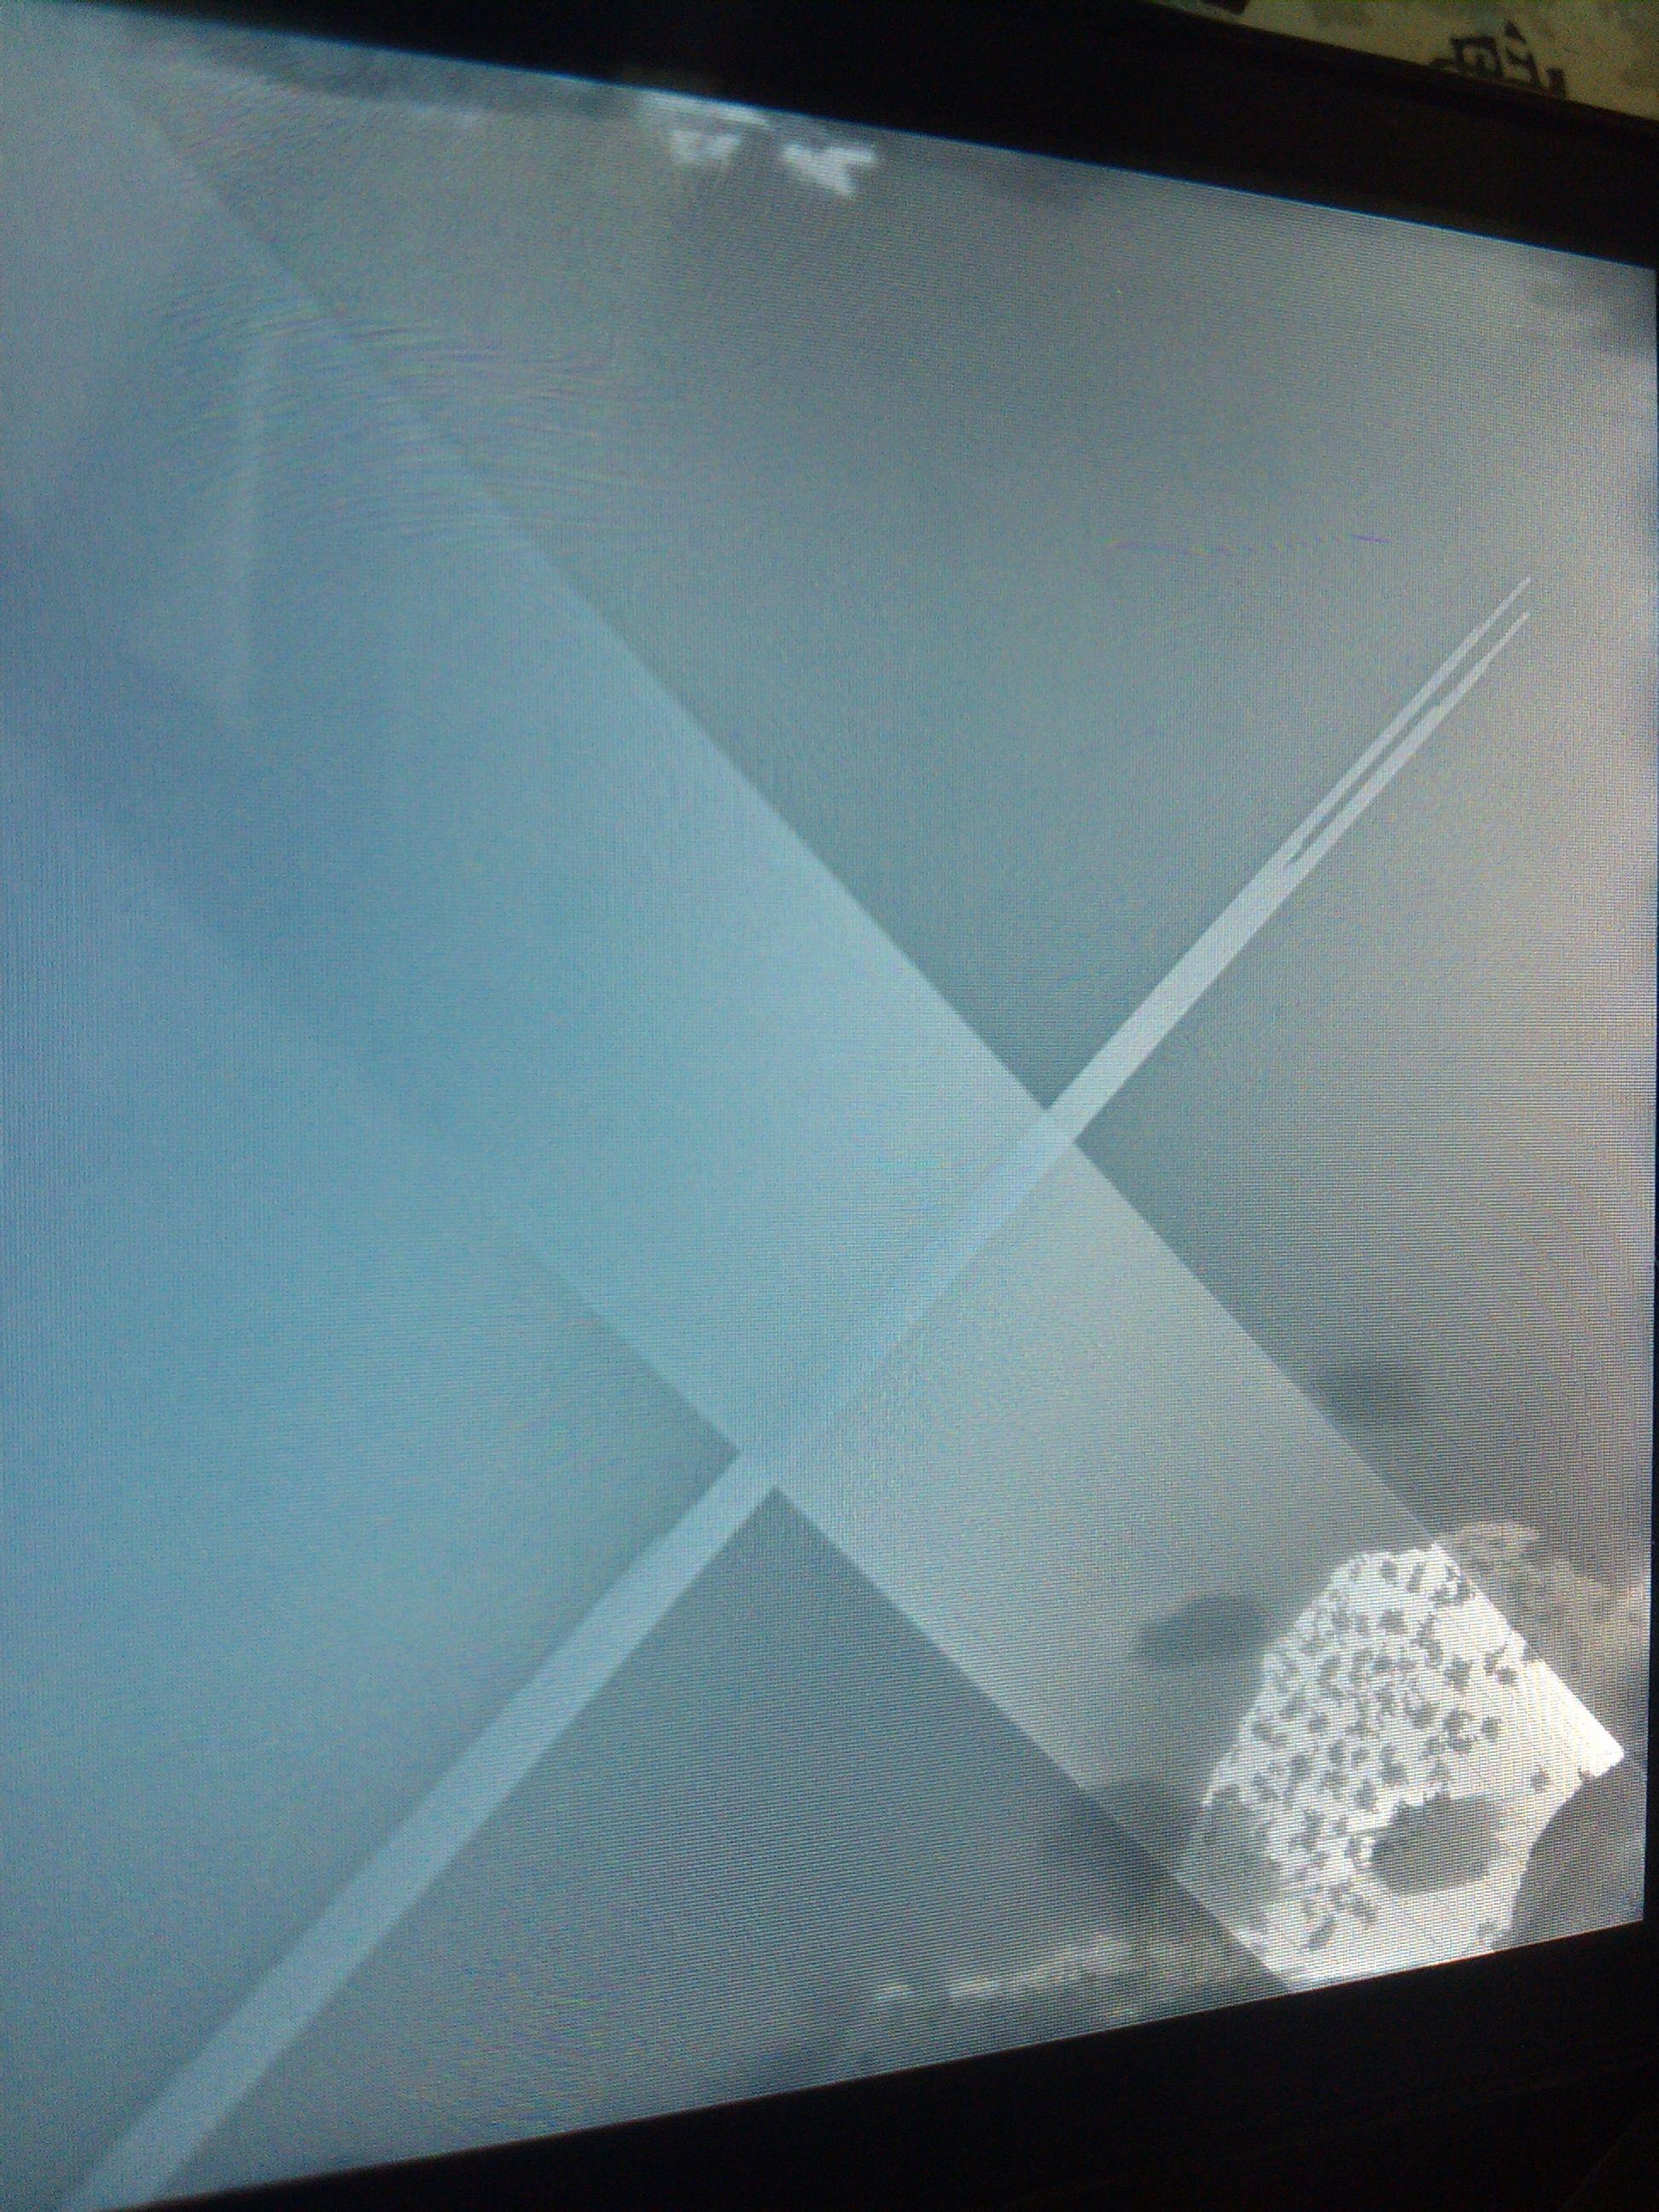 手机掉水里 拆机将机用冷风吹干后开机 发现液晶屏里有水高清图片